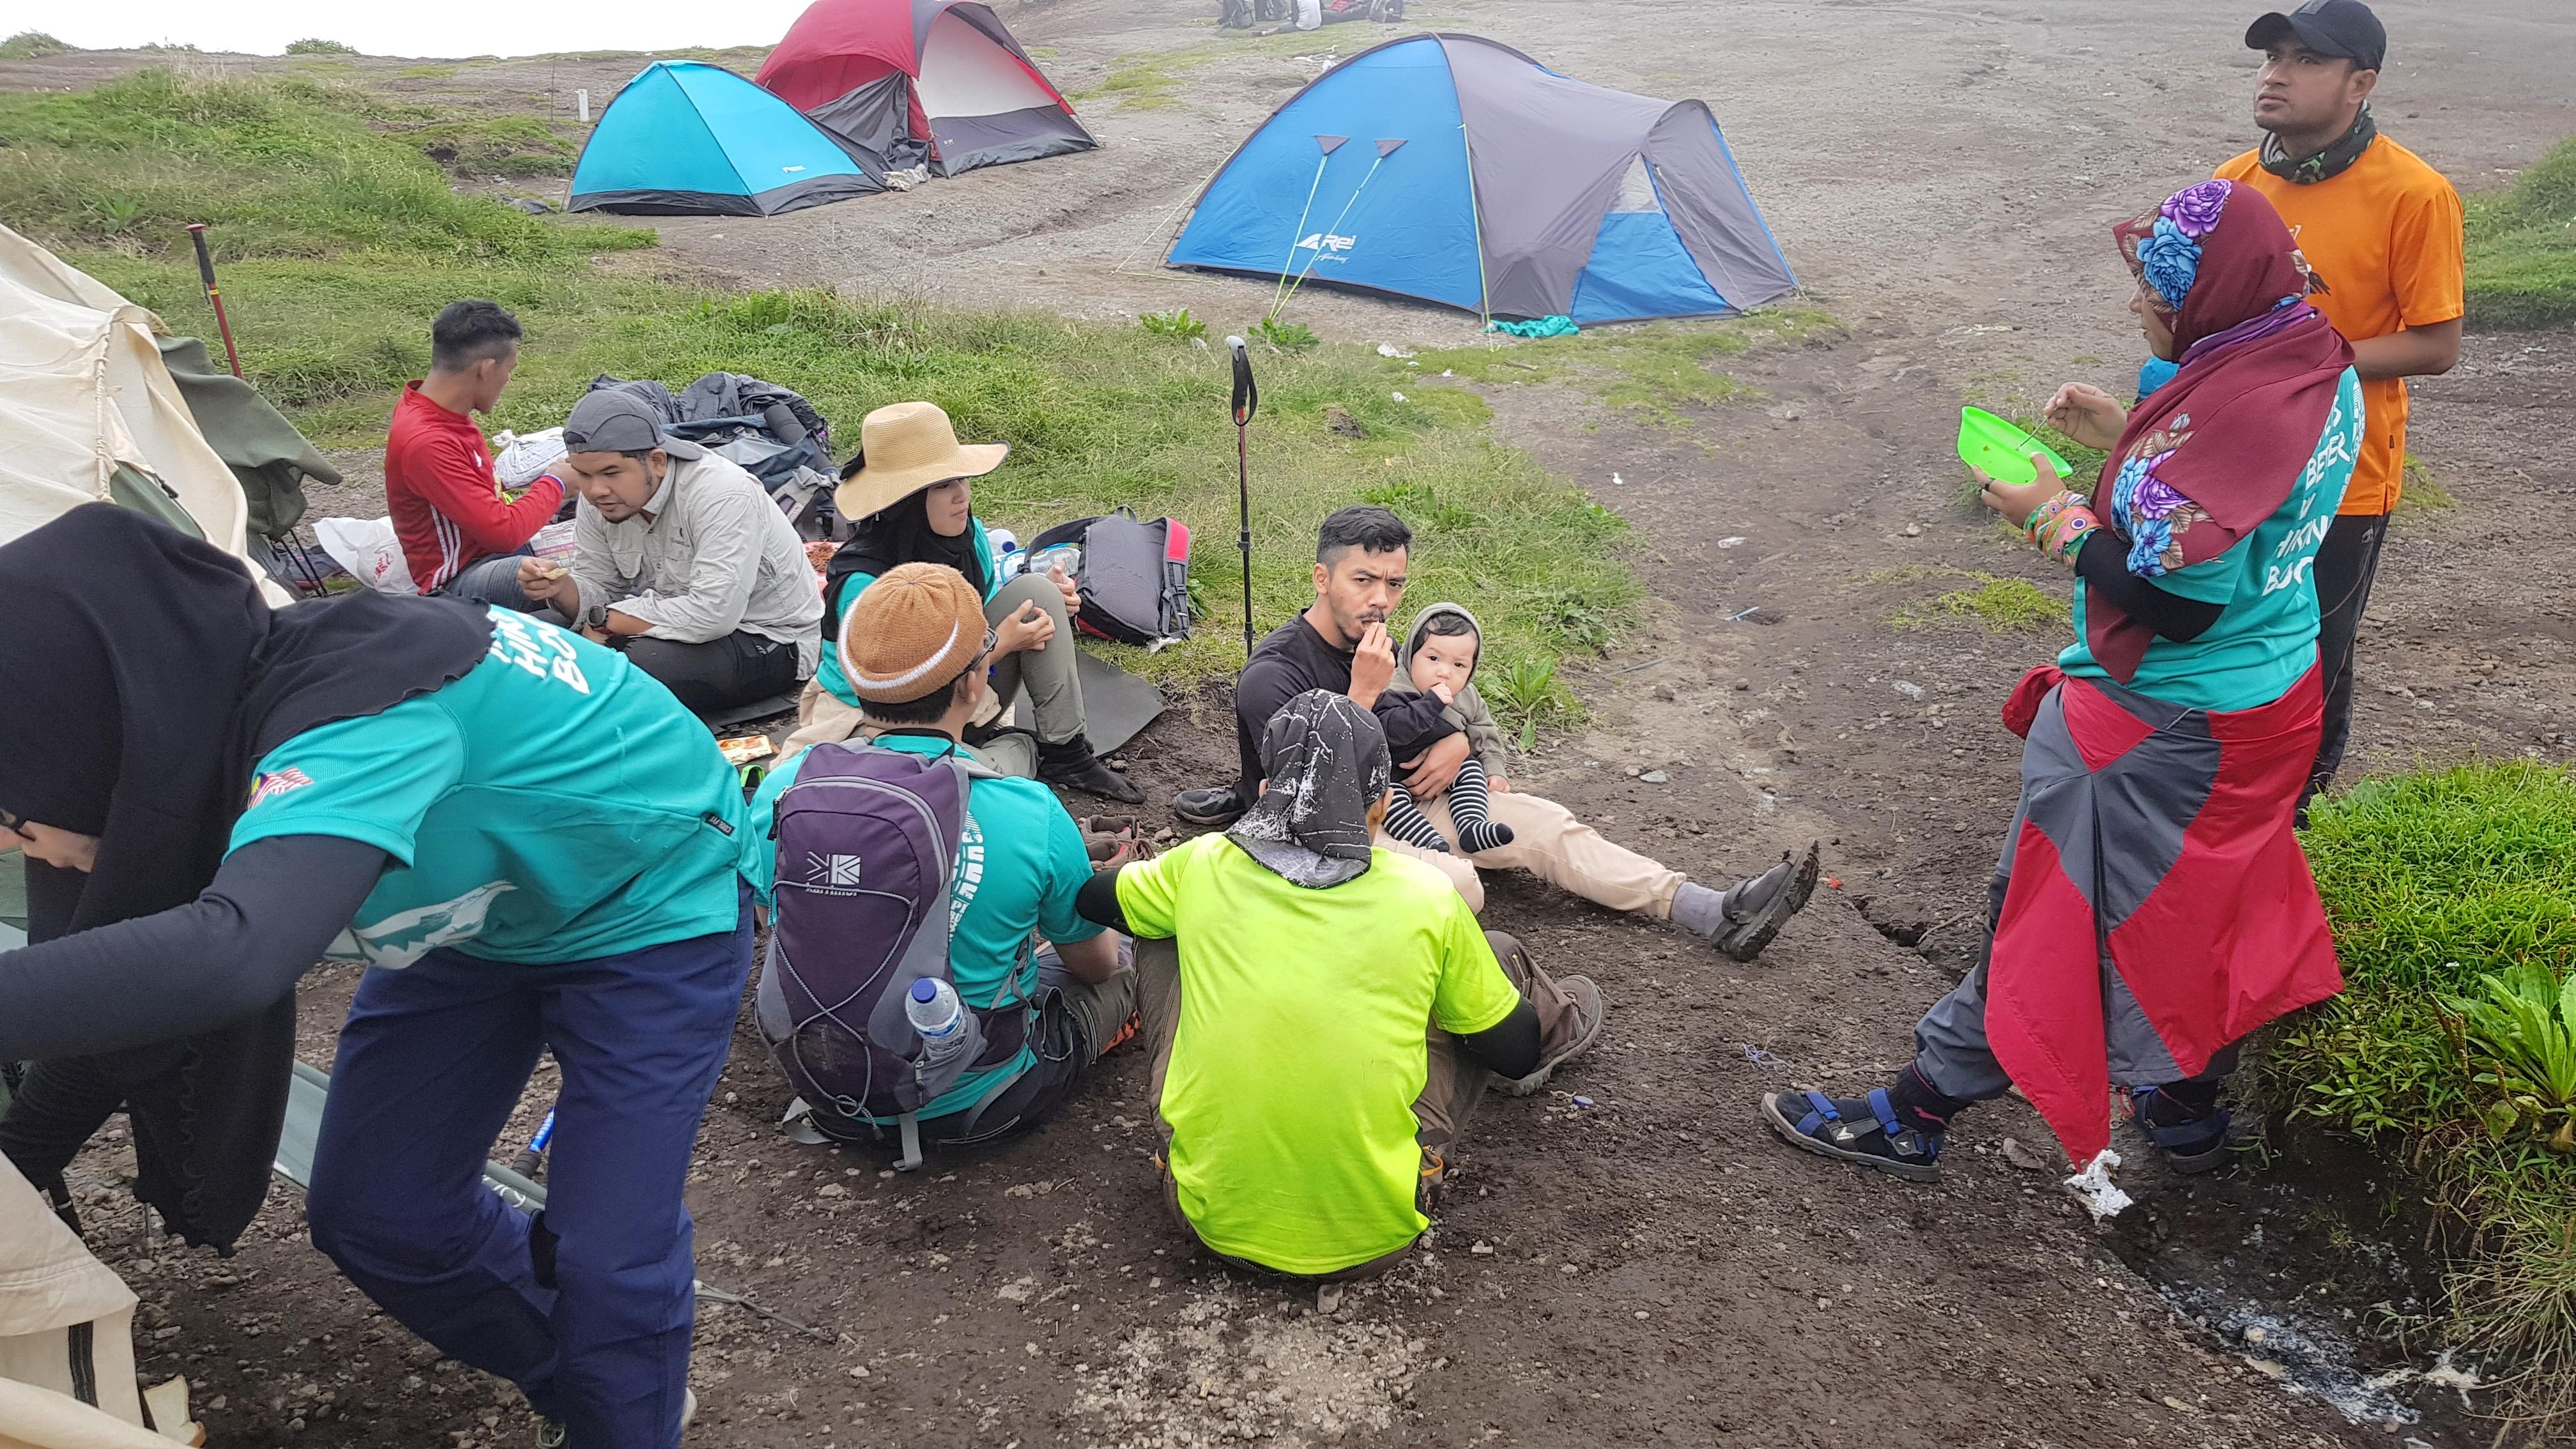 Gelagat Noah yang langsung tidak kekok, malah seakan menikmati aktiviti bersama pendaki lain.